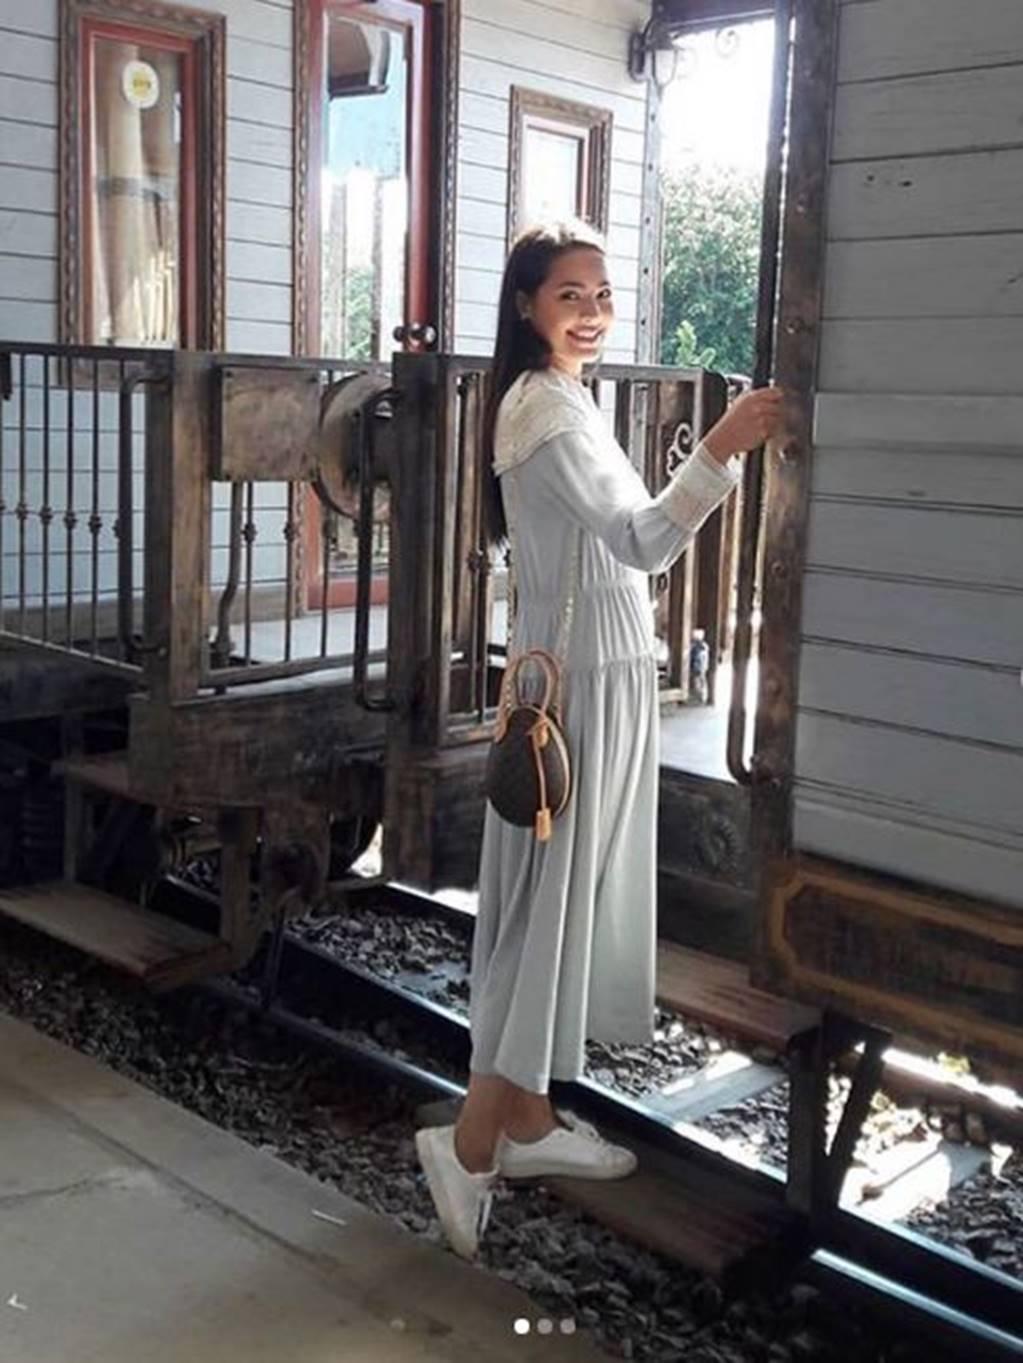 Mê mẩn trước nhan sắc ngọc nữ xứ Chùa Vàng diện áo dài vừa du lịch ở Việt Nam-4